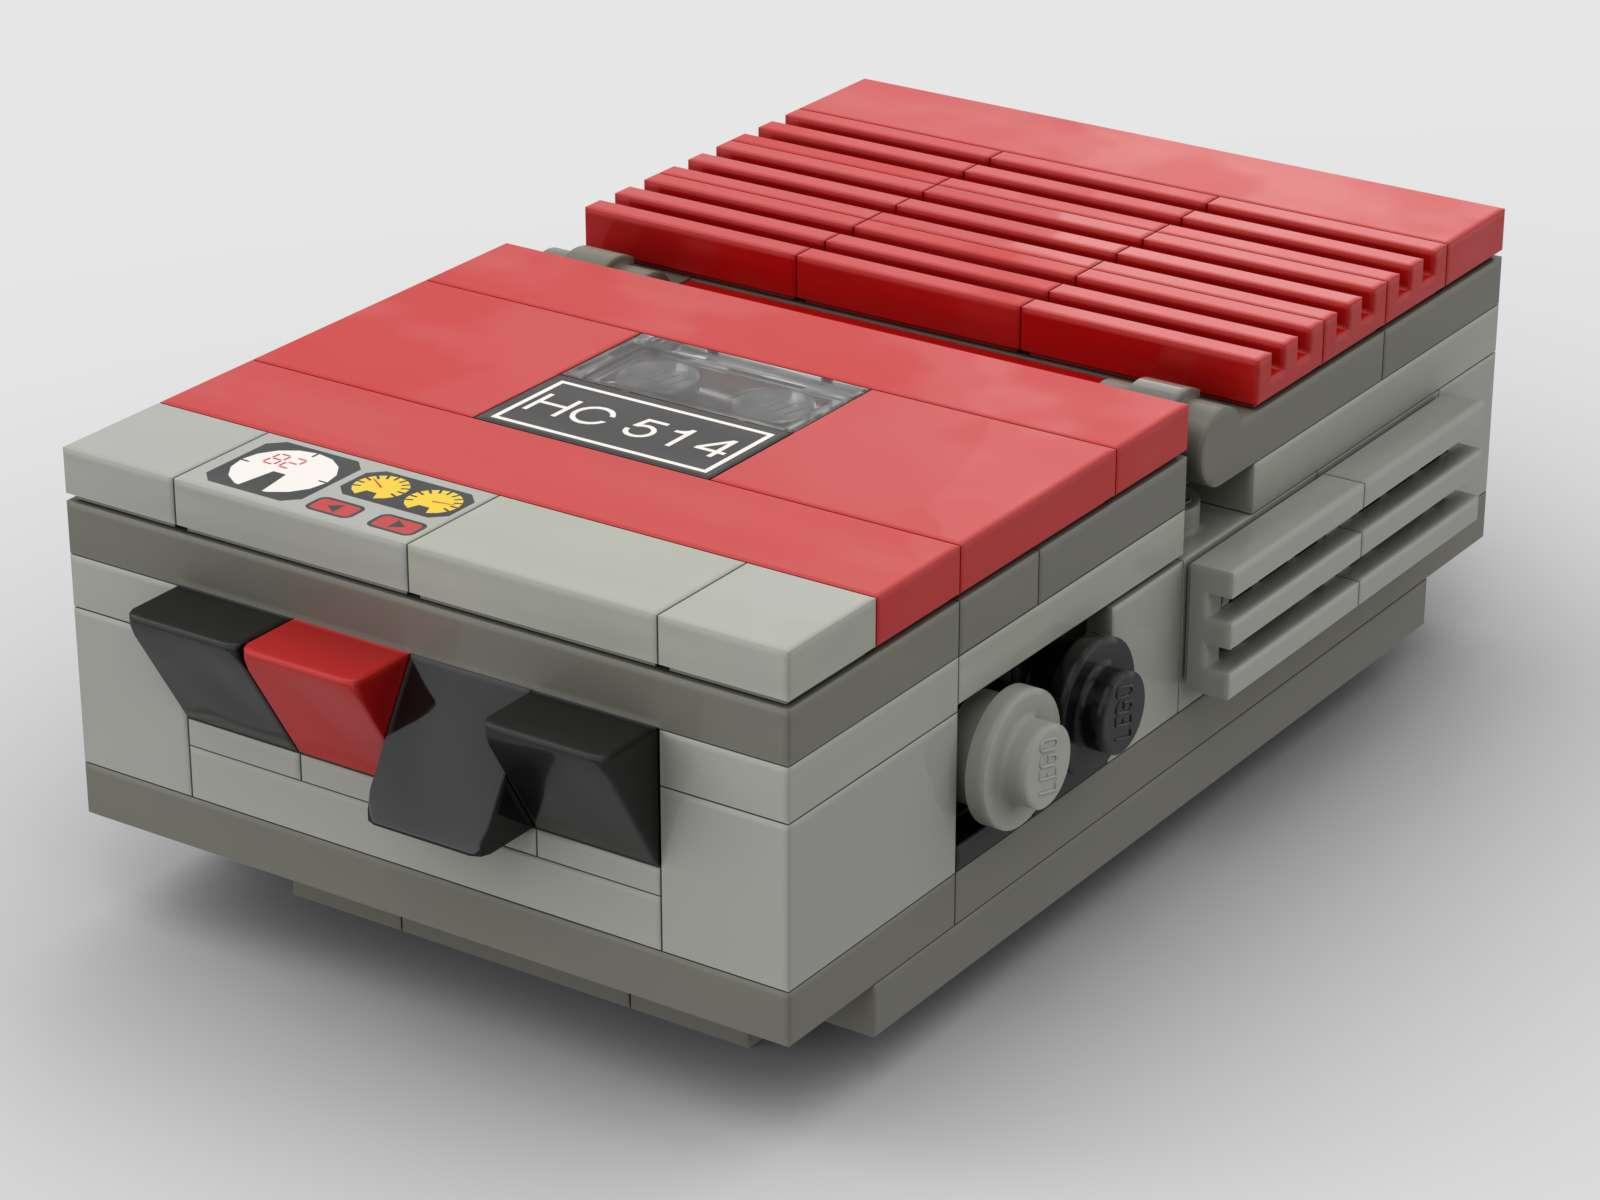 zx81_-_cassetteplayer.jpg